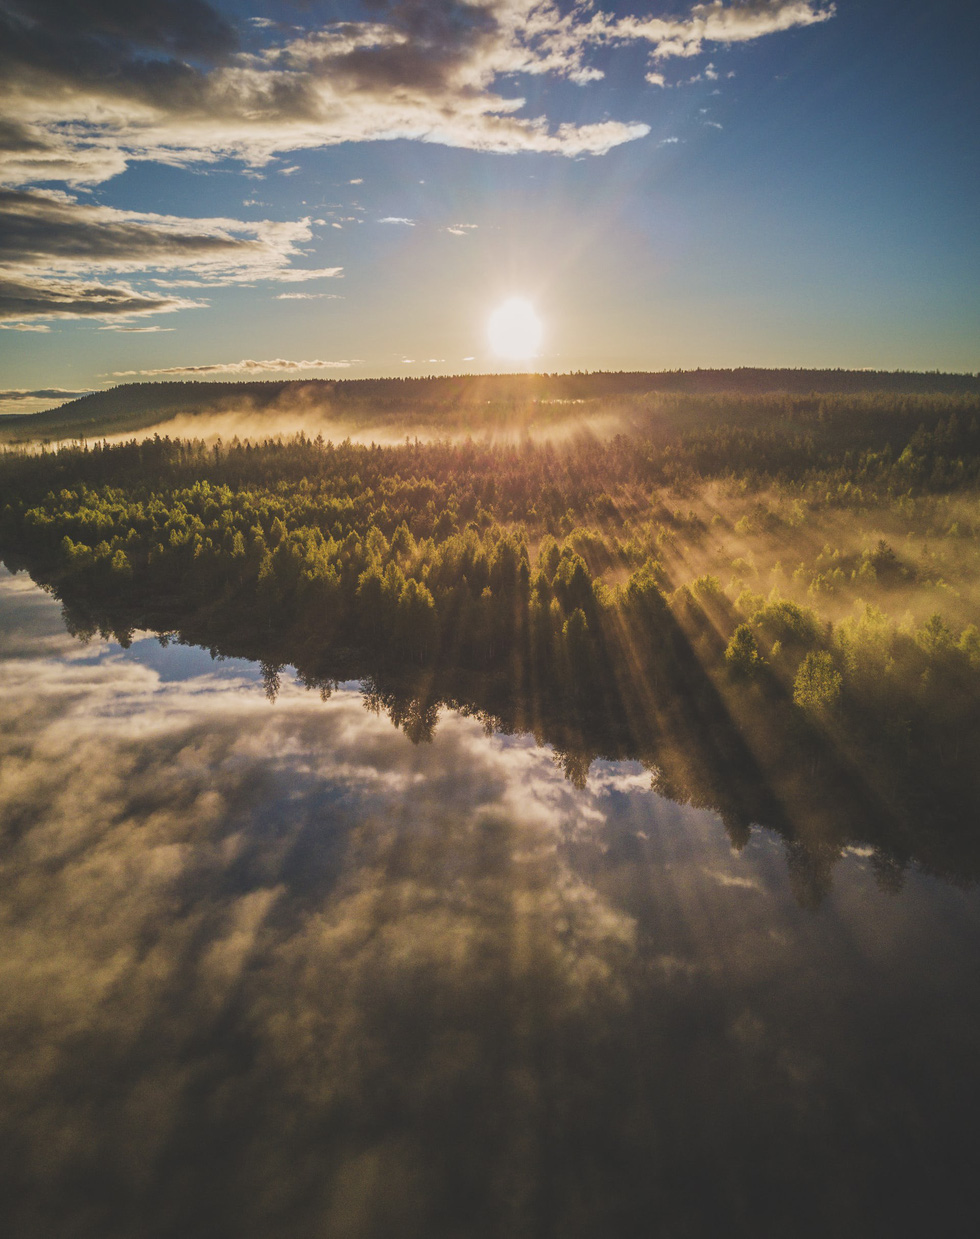 Đảo 'bốn mùa' Phần Lan đẹp mê hồn nhìn từ trên cao - Ảnh 9.